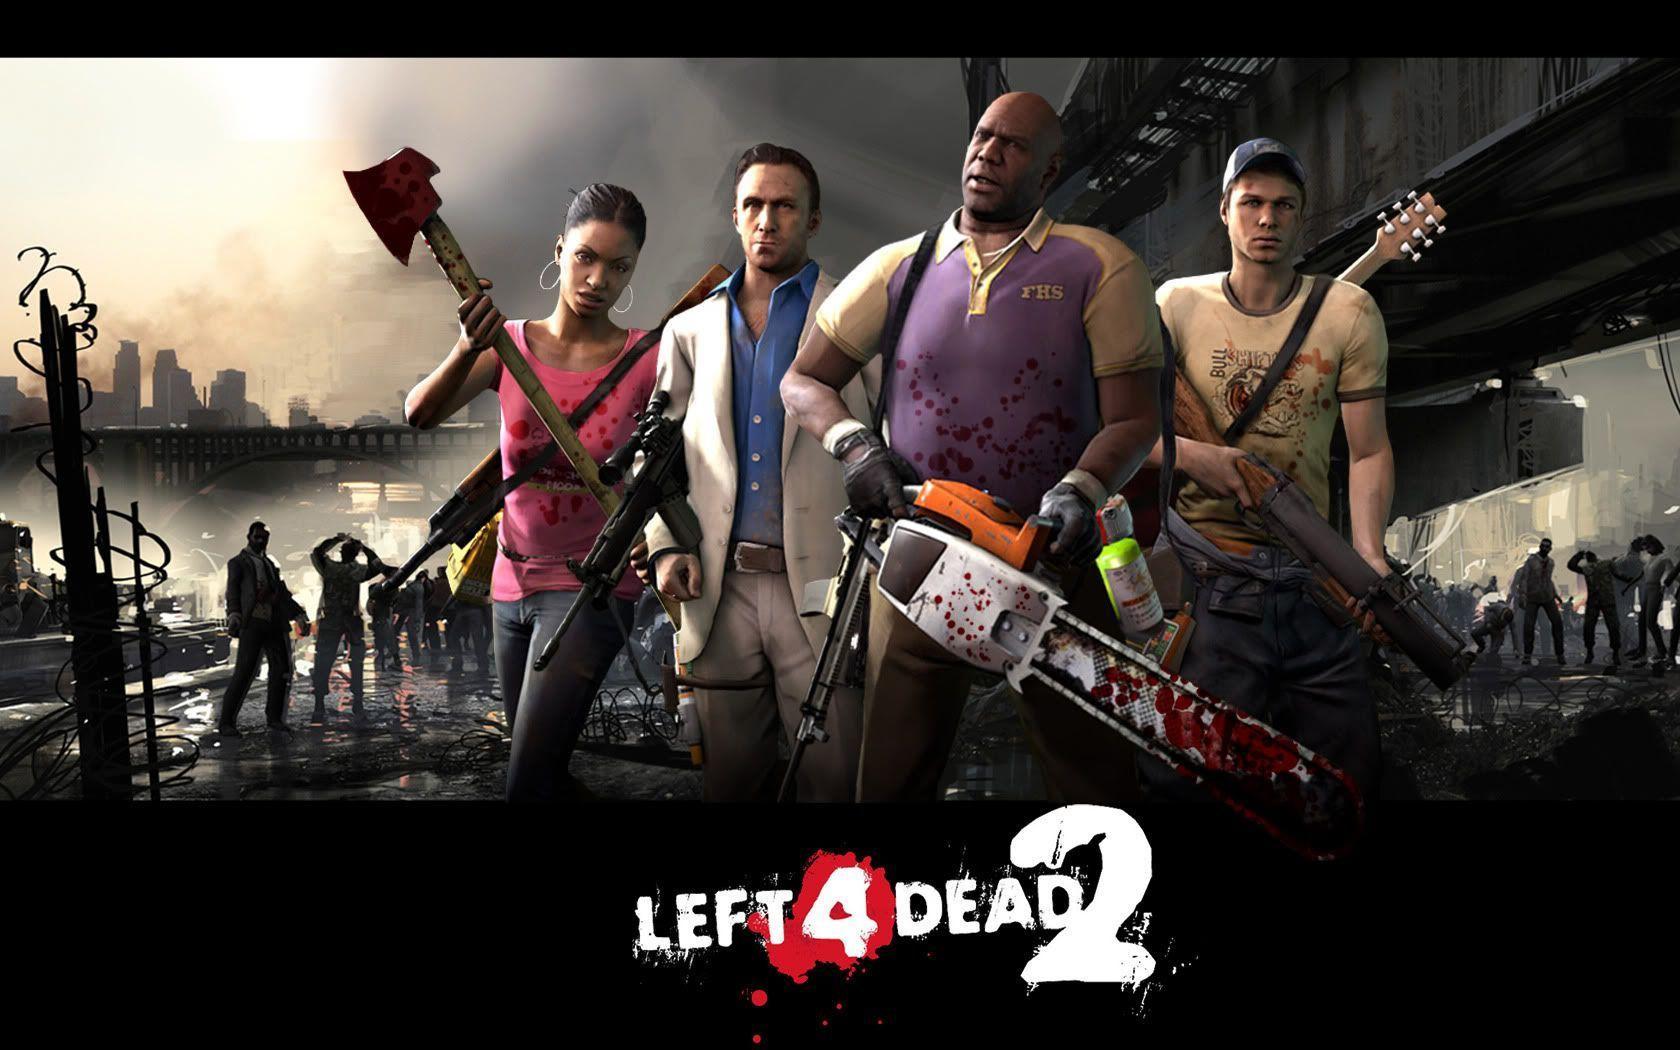 descargar juego de lefor dead 4 download